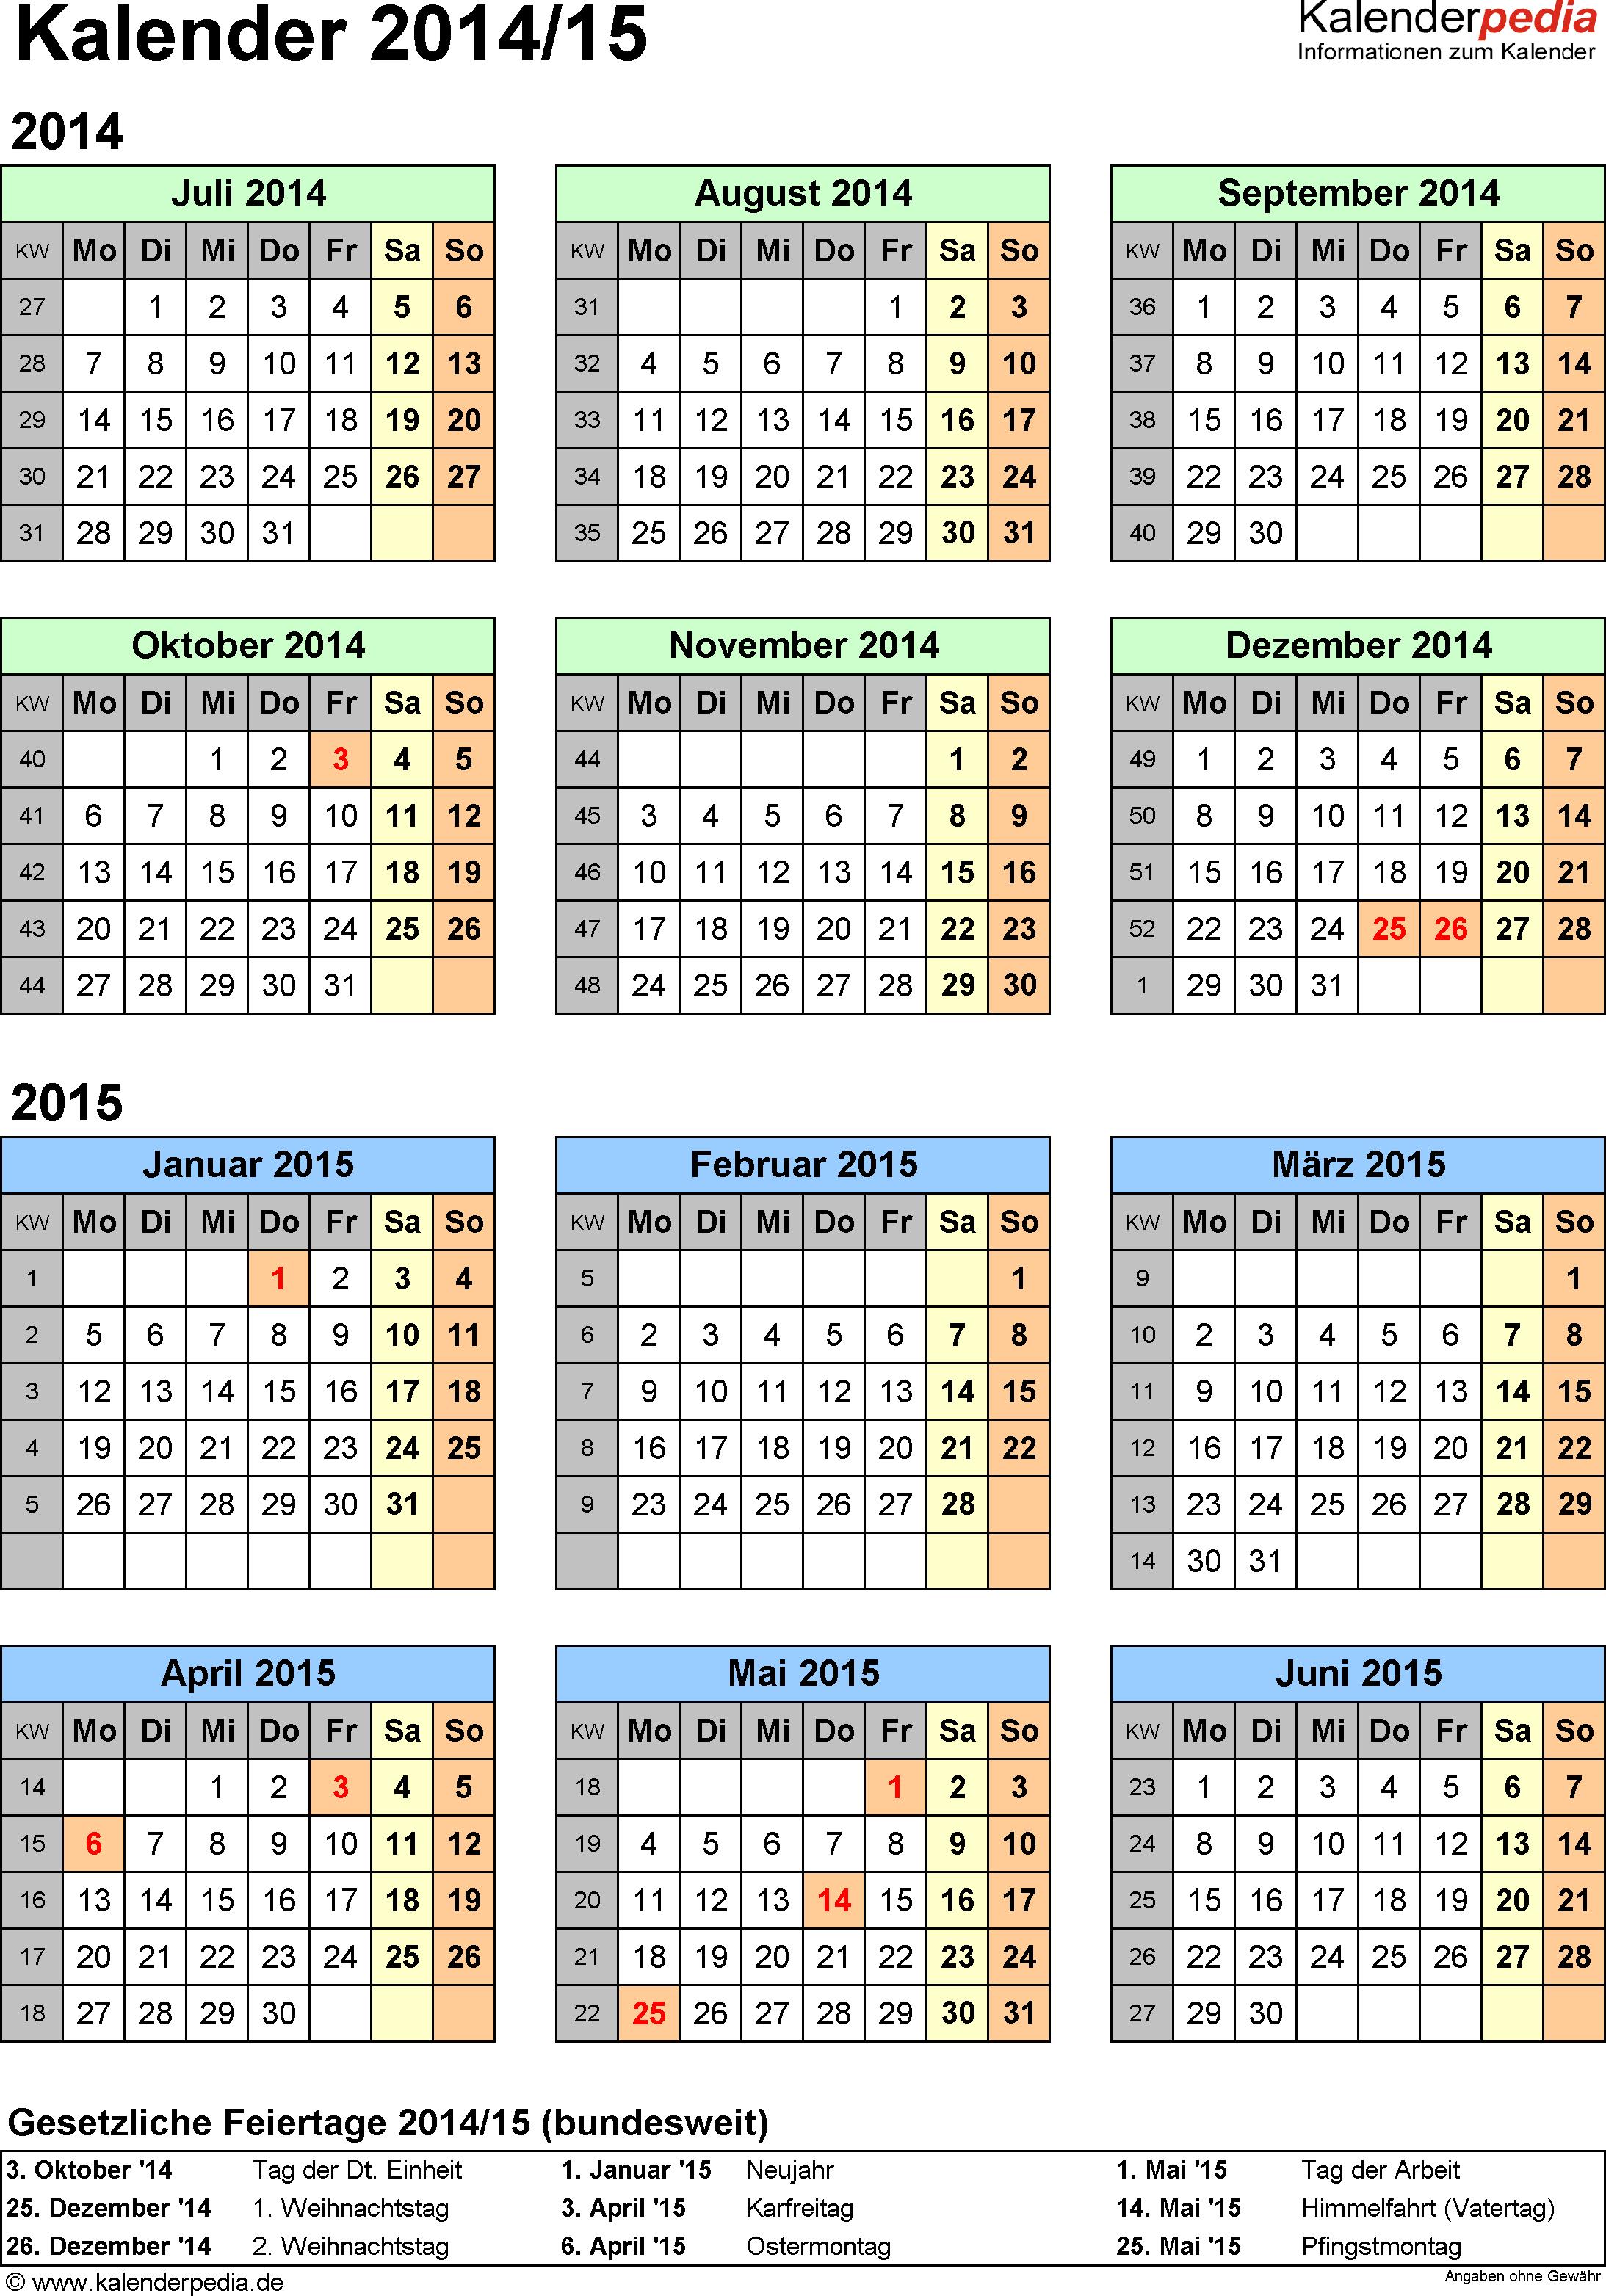 PDF-Vorlage für Halbjahr-Kalender 2014/2015 (Hochformat, 1 Seite, Jahresübersicht)